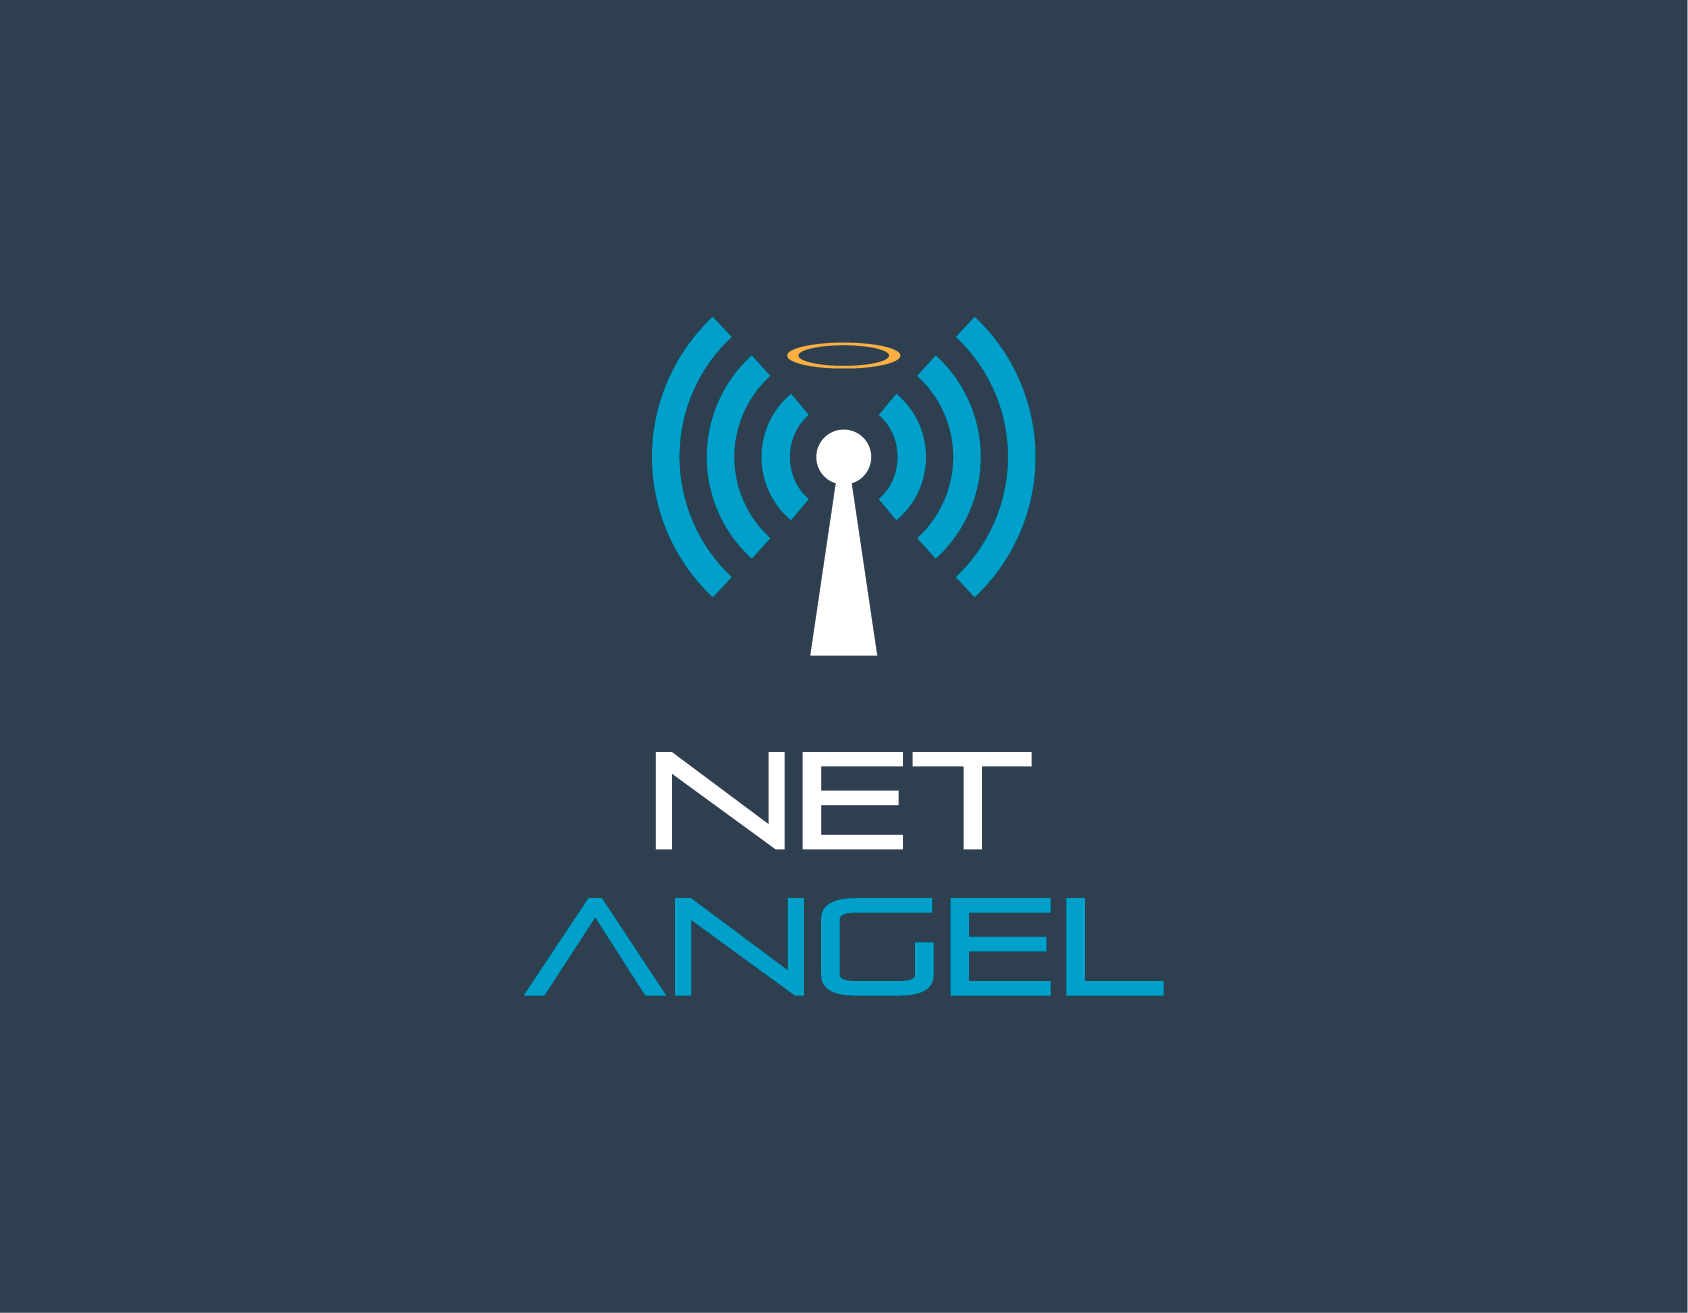 NetAngel